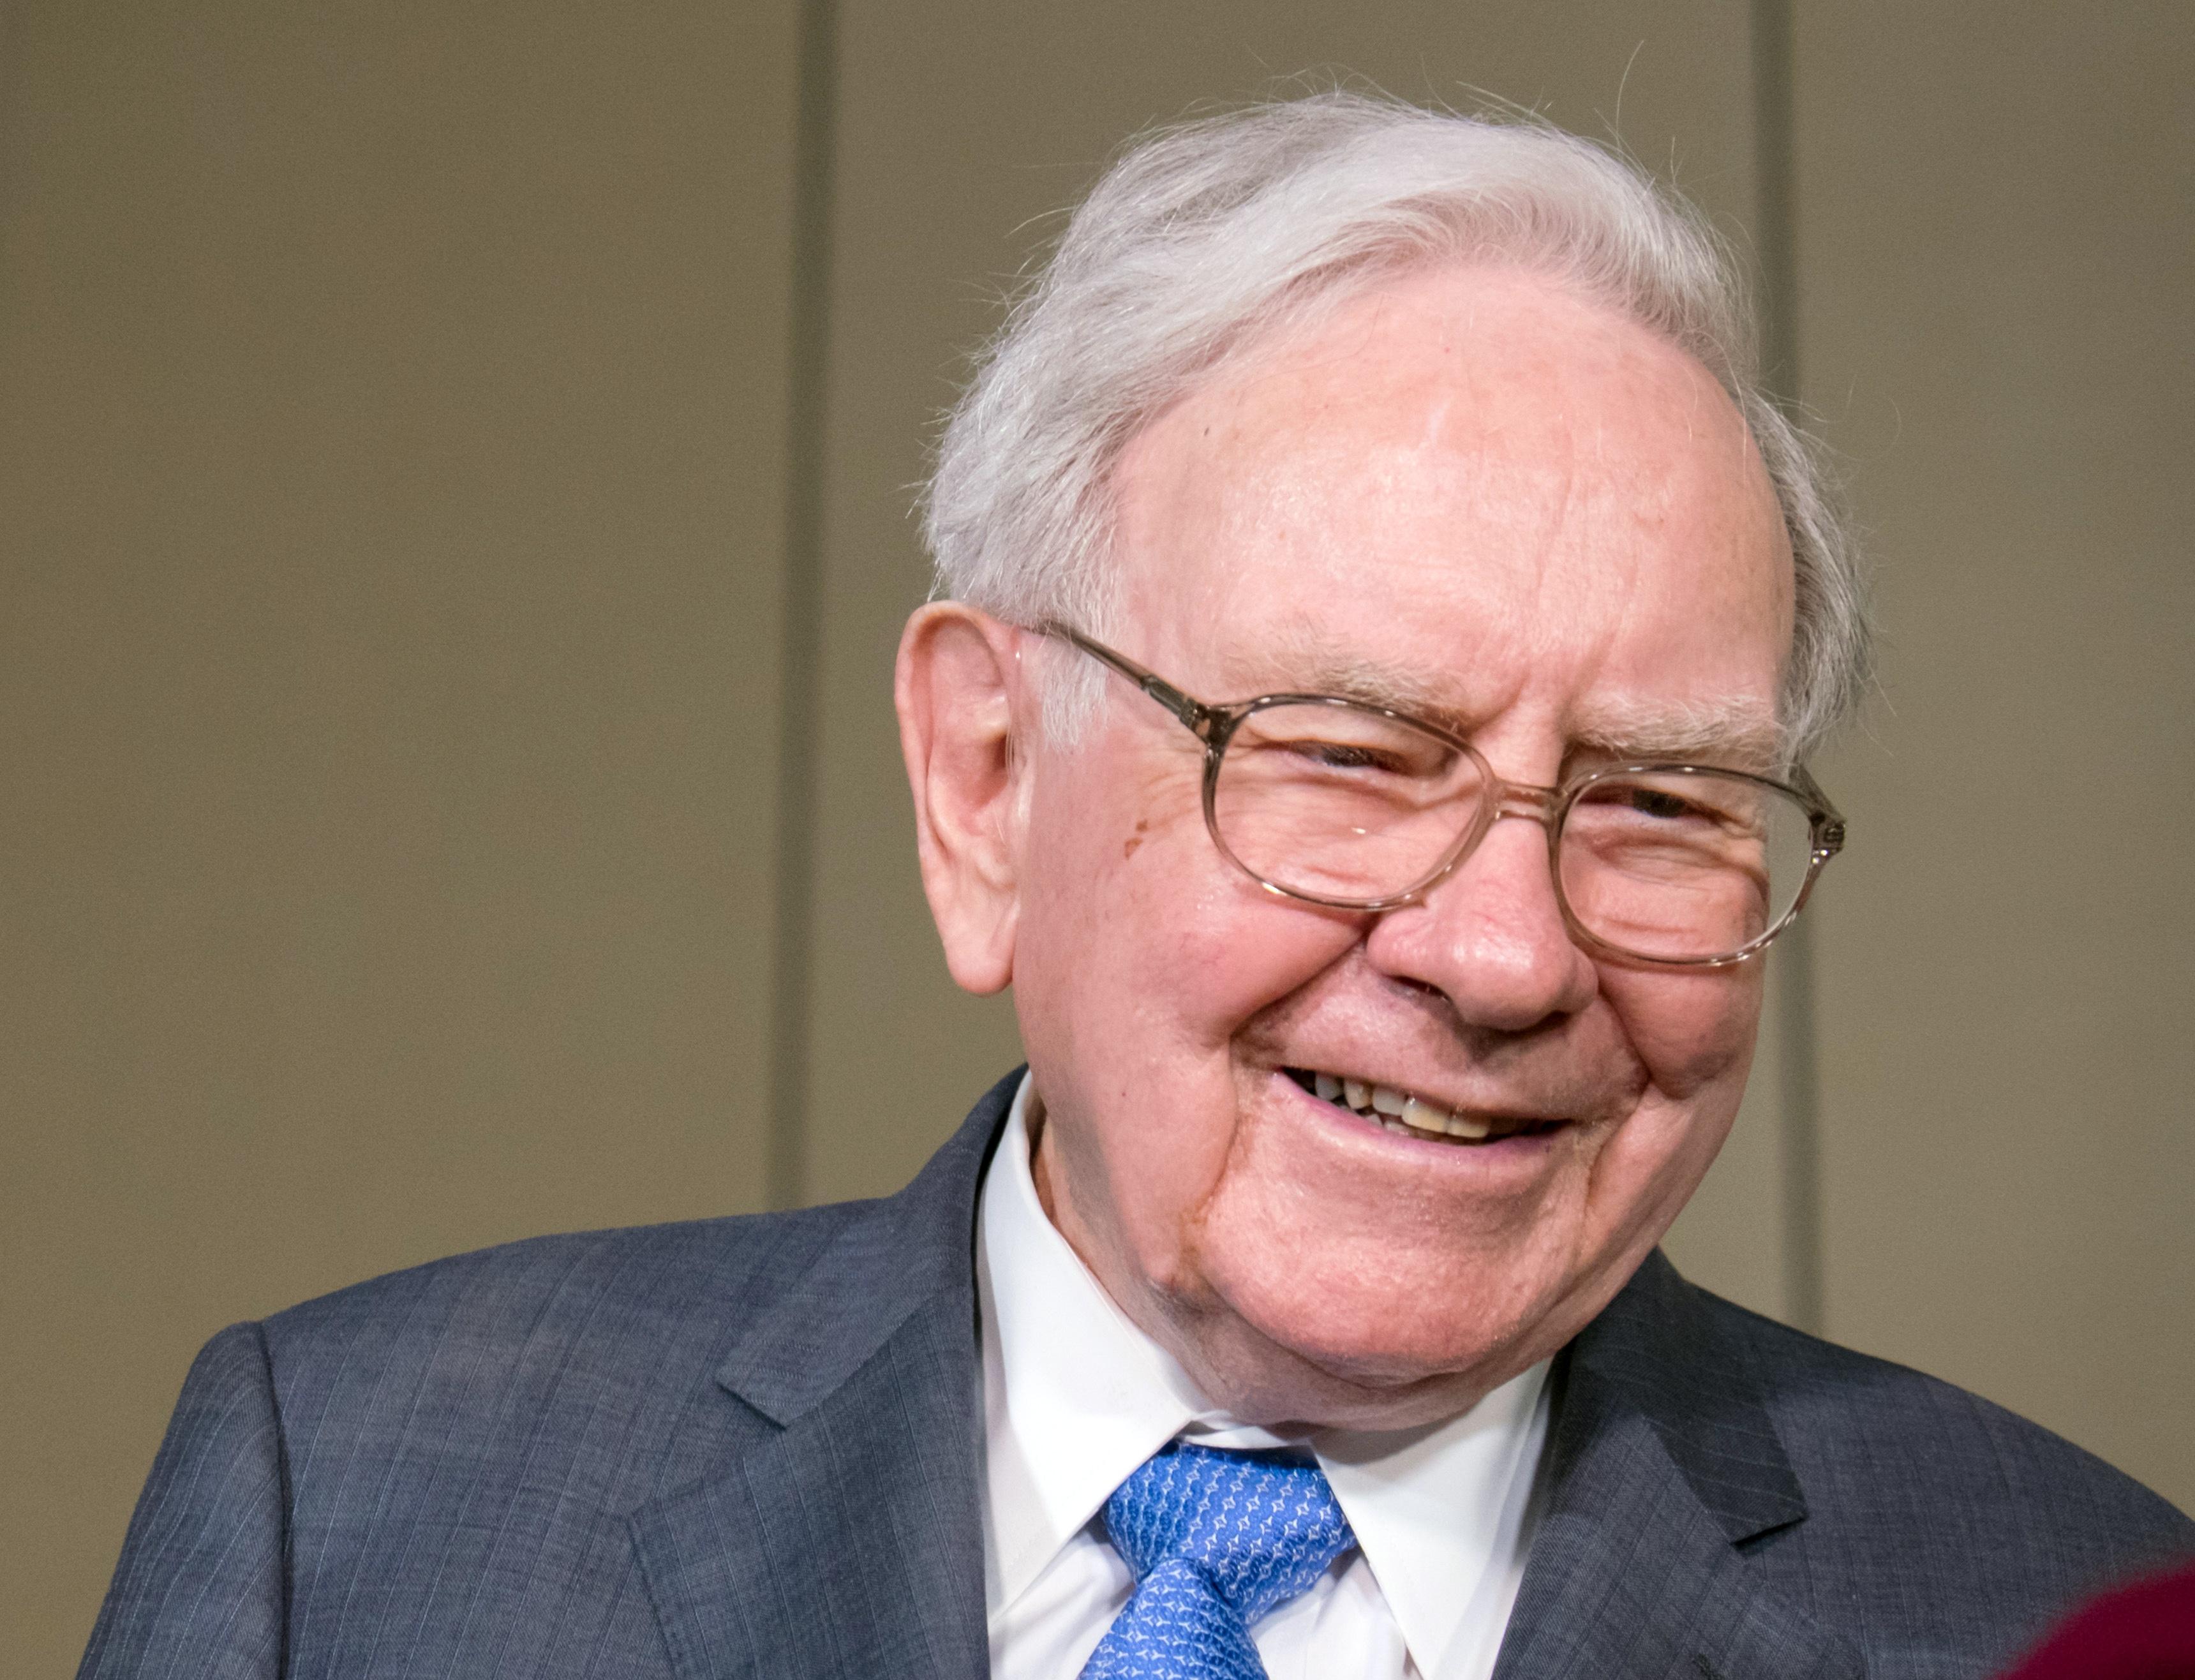 Warren Buffett of Berkshire Hathaway